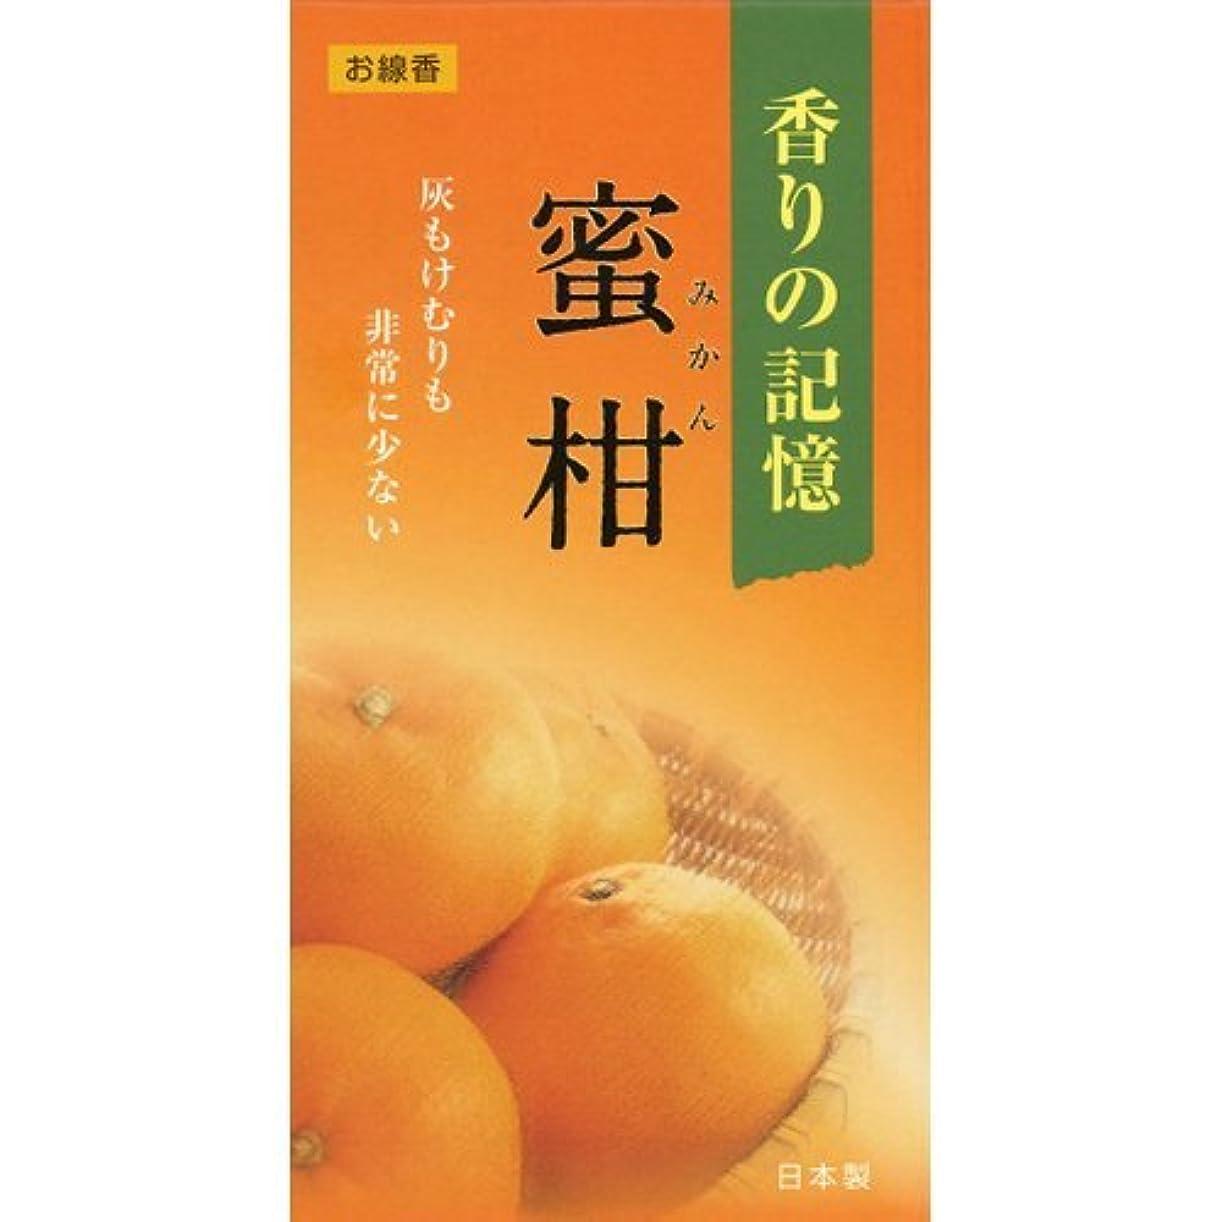 安定分岐するぼかす孔官堂のお線香 香の記憶 蜜柑 バラ詰 #C-642